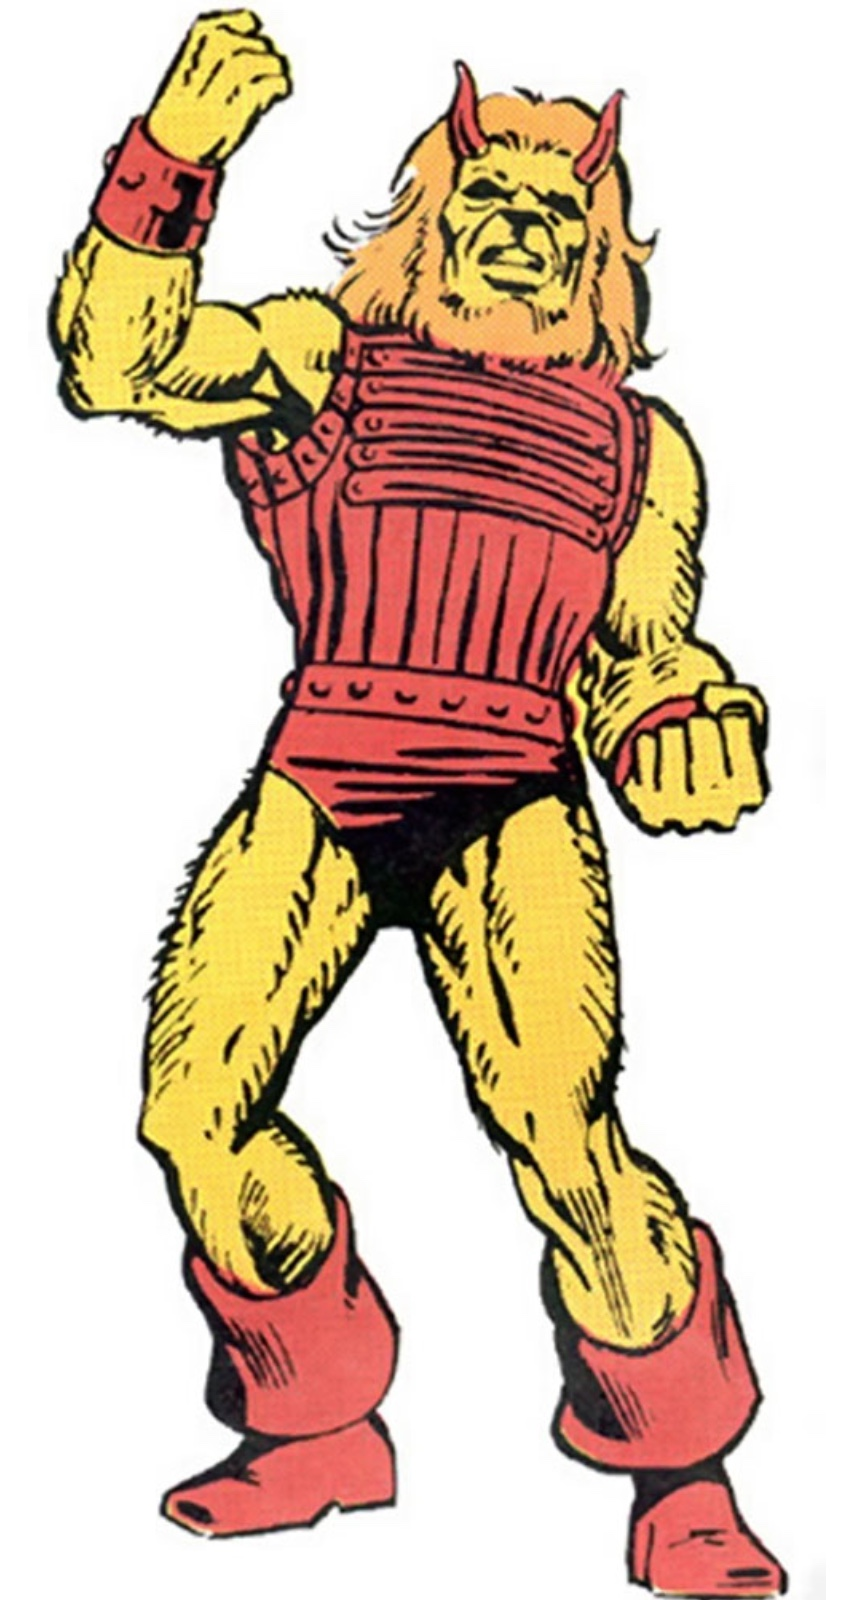 La liste idéale des bustes Marvel de 'Redwing' - Page 2 7a93ca10